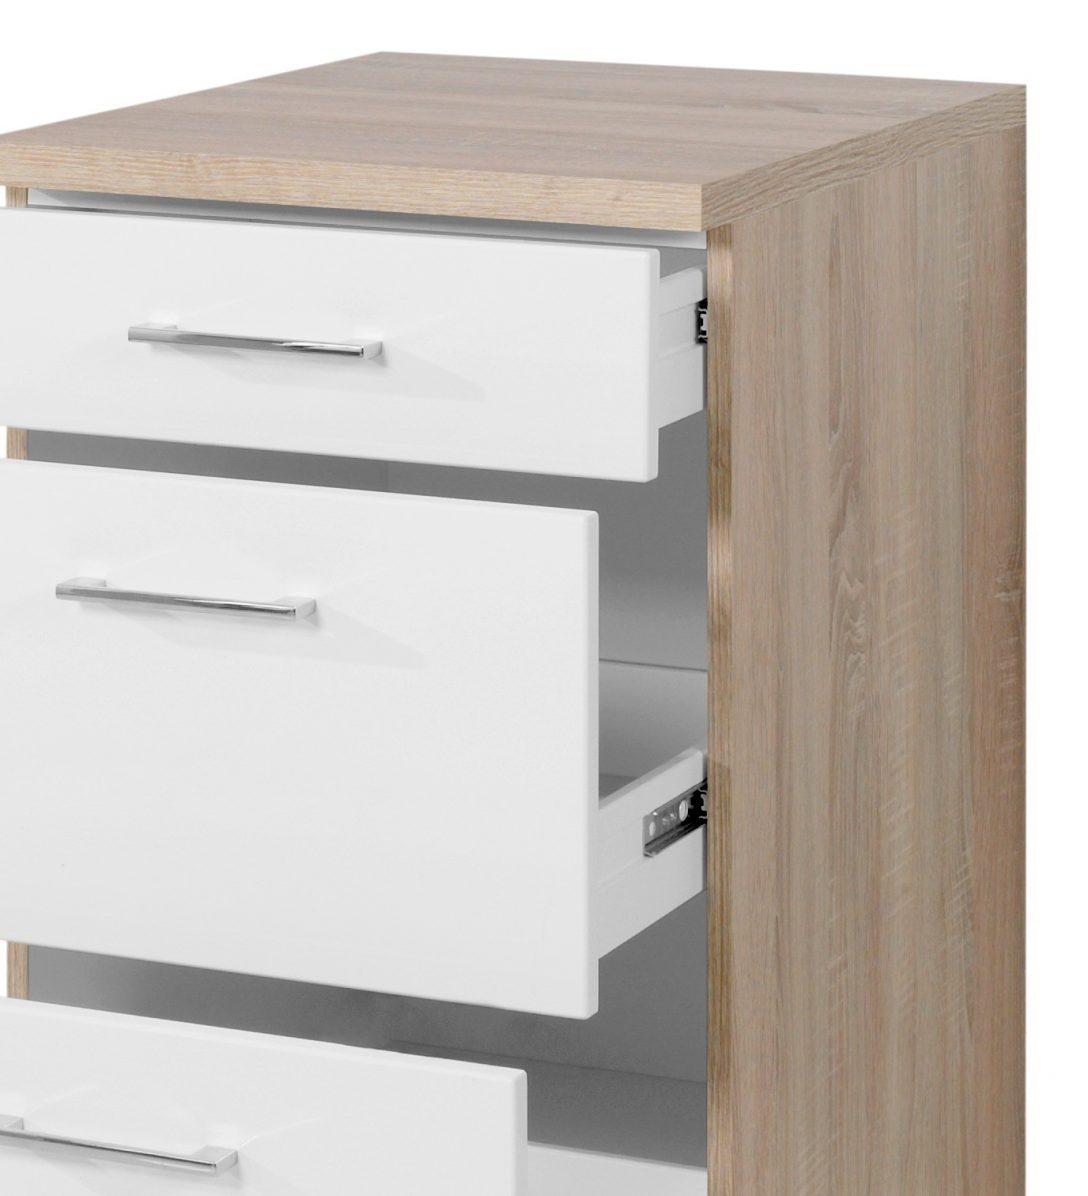 Large Size of Apothekerschrank Ikea Kchen Unterschrank 40 Cm Breit Front Neu Und Sofa Mit Schlaffunktion Küche Kaufen Miniküche Kosten Betten Bei 160x200 Modulküche Wohnzimmer Apothekerschrank Ikea